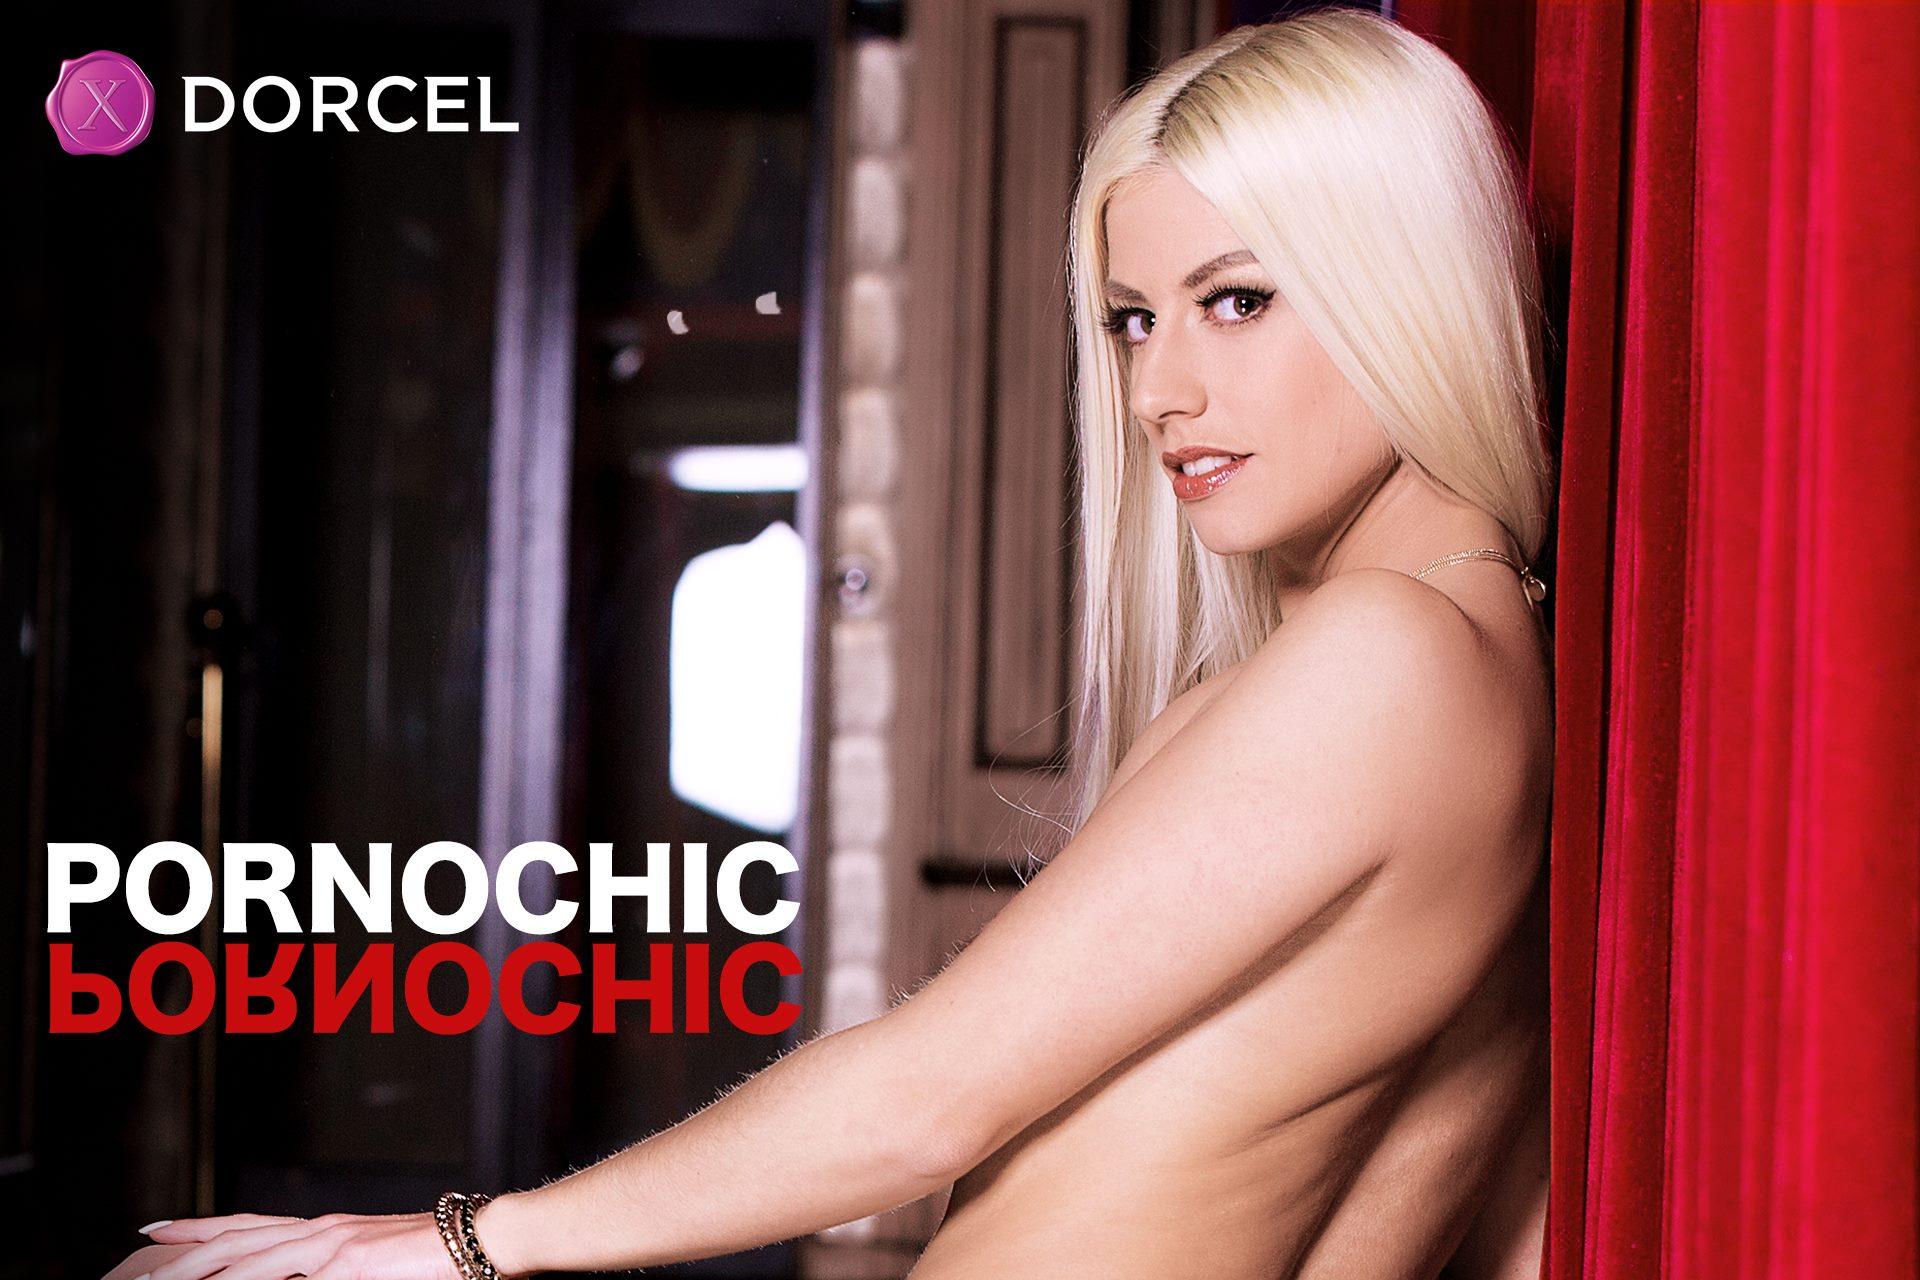 Pincez-moi je rêve ! L'effet #Pornochic débarque aux USA ! Un mot français  possède sa propre catégorie spéciale sur la plus grosse plateforme TV US e…